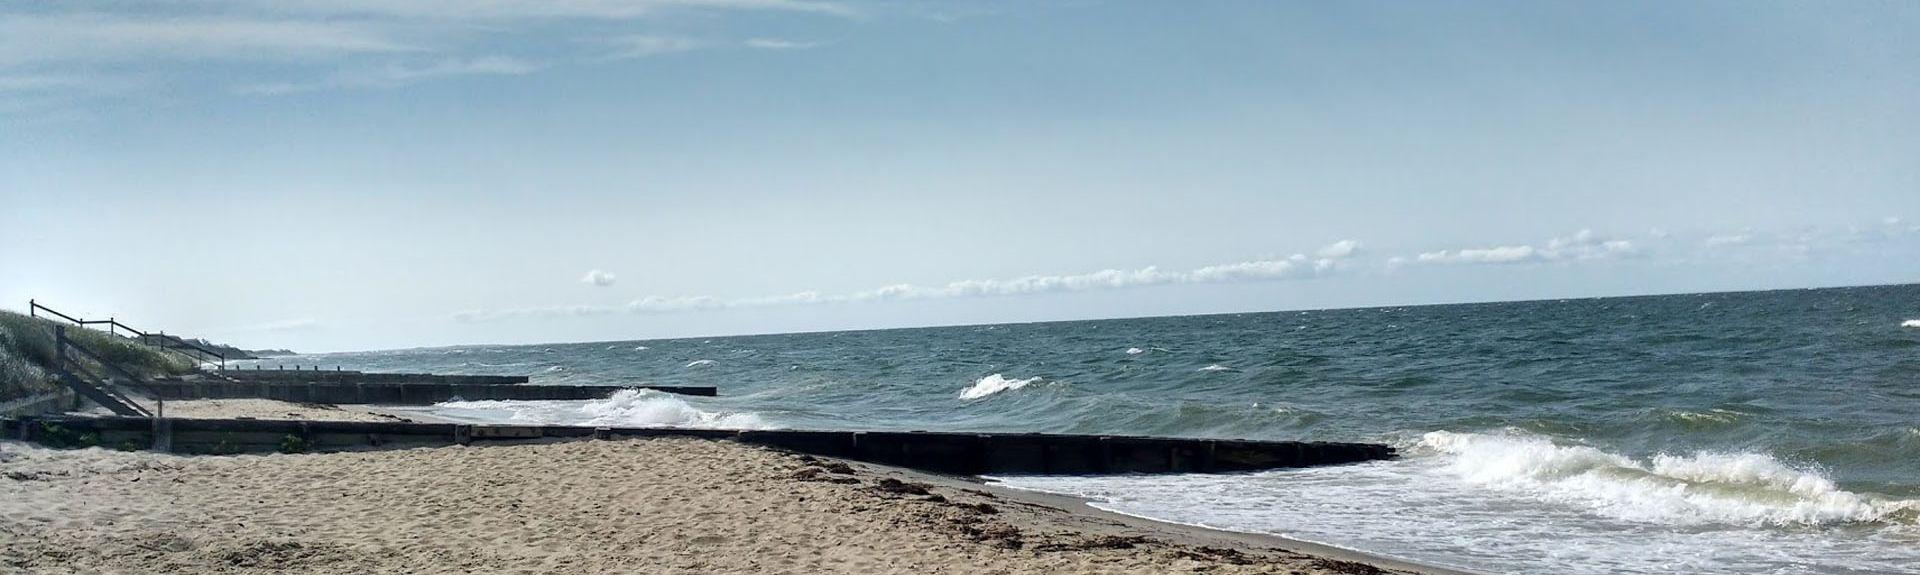 Surfside, Nantucket, Massachusetts, Stati Uniti d'America